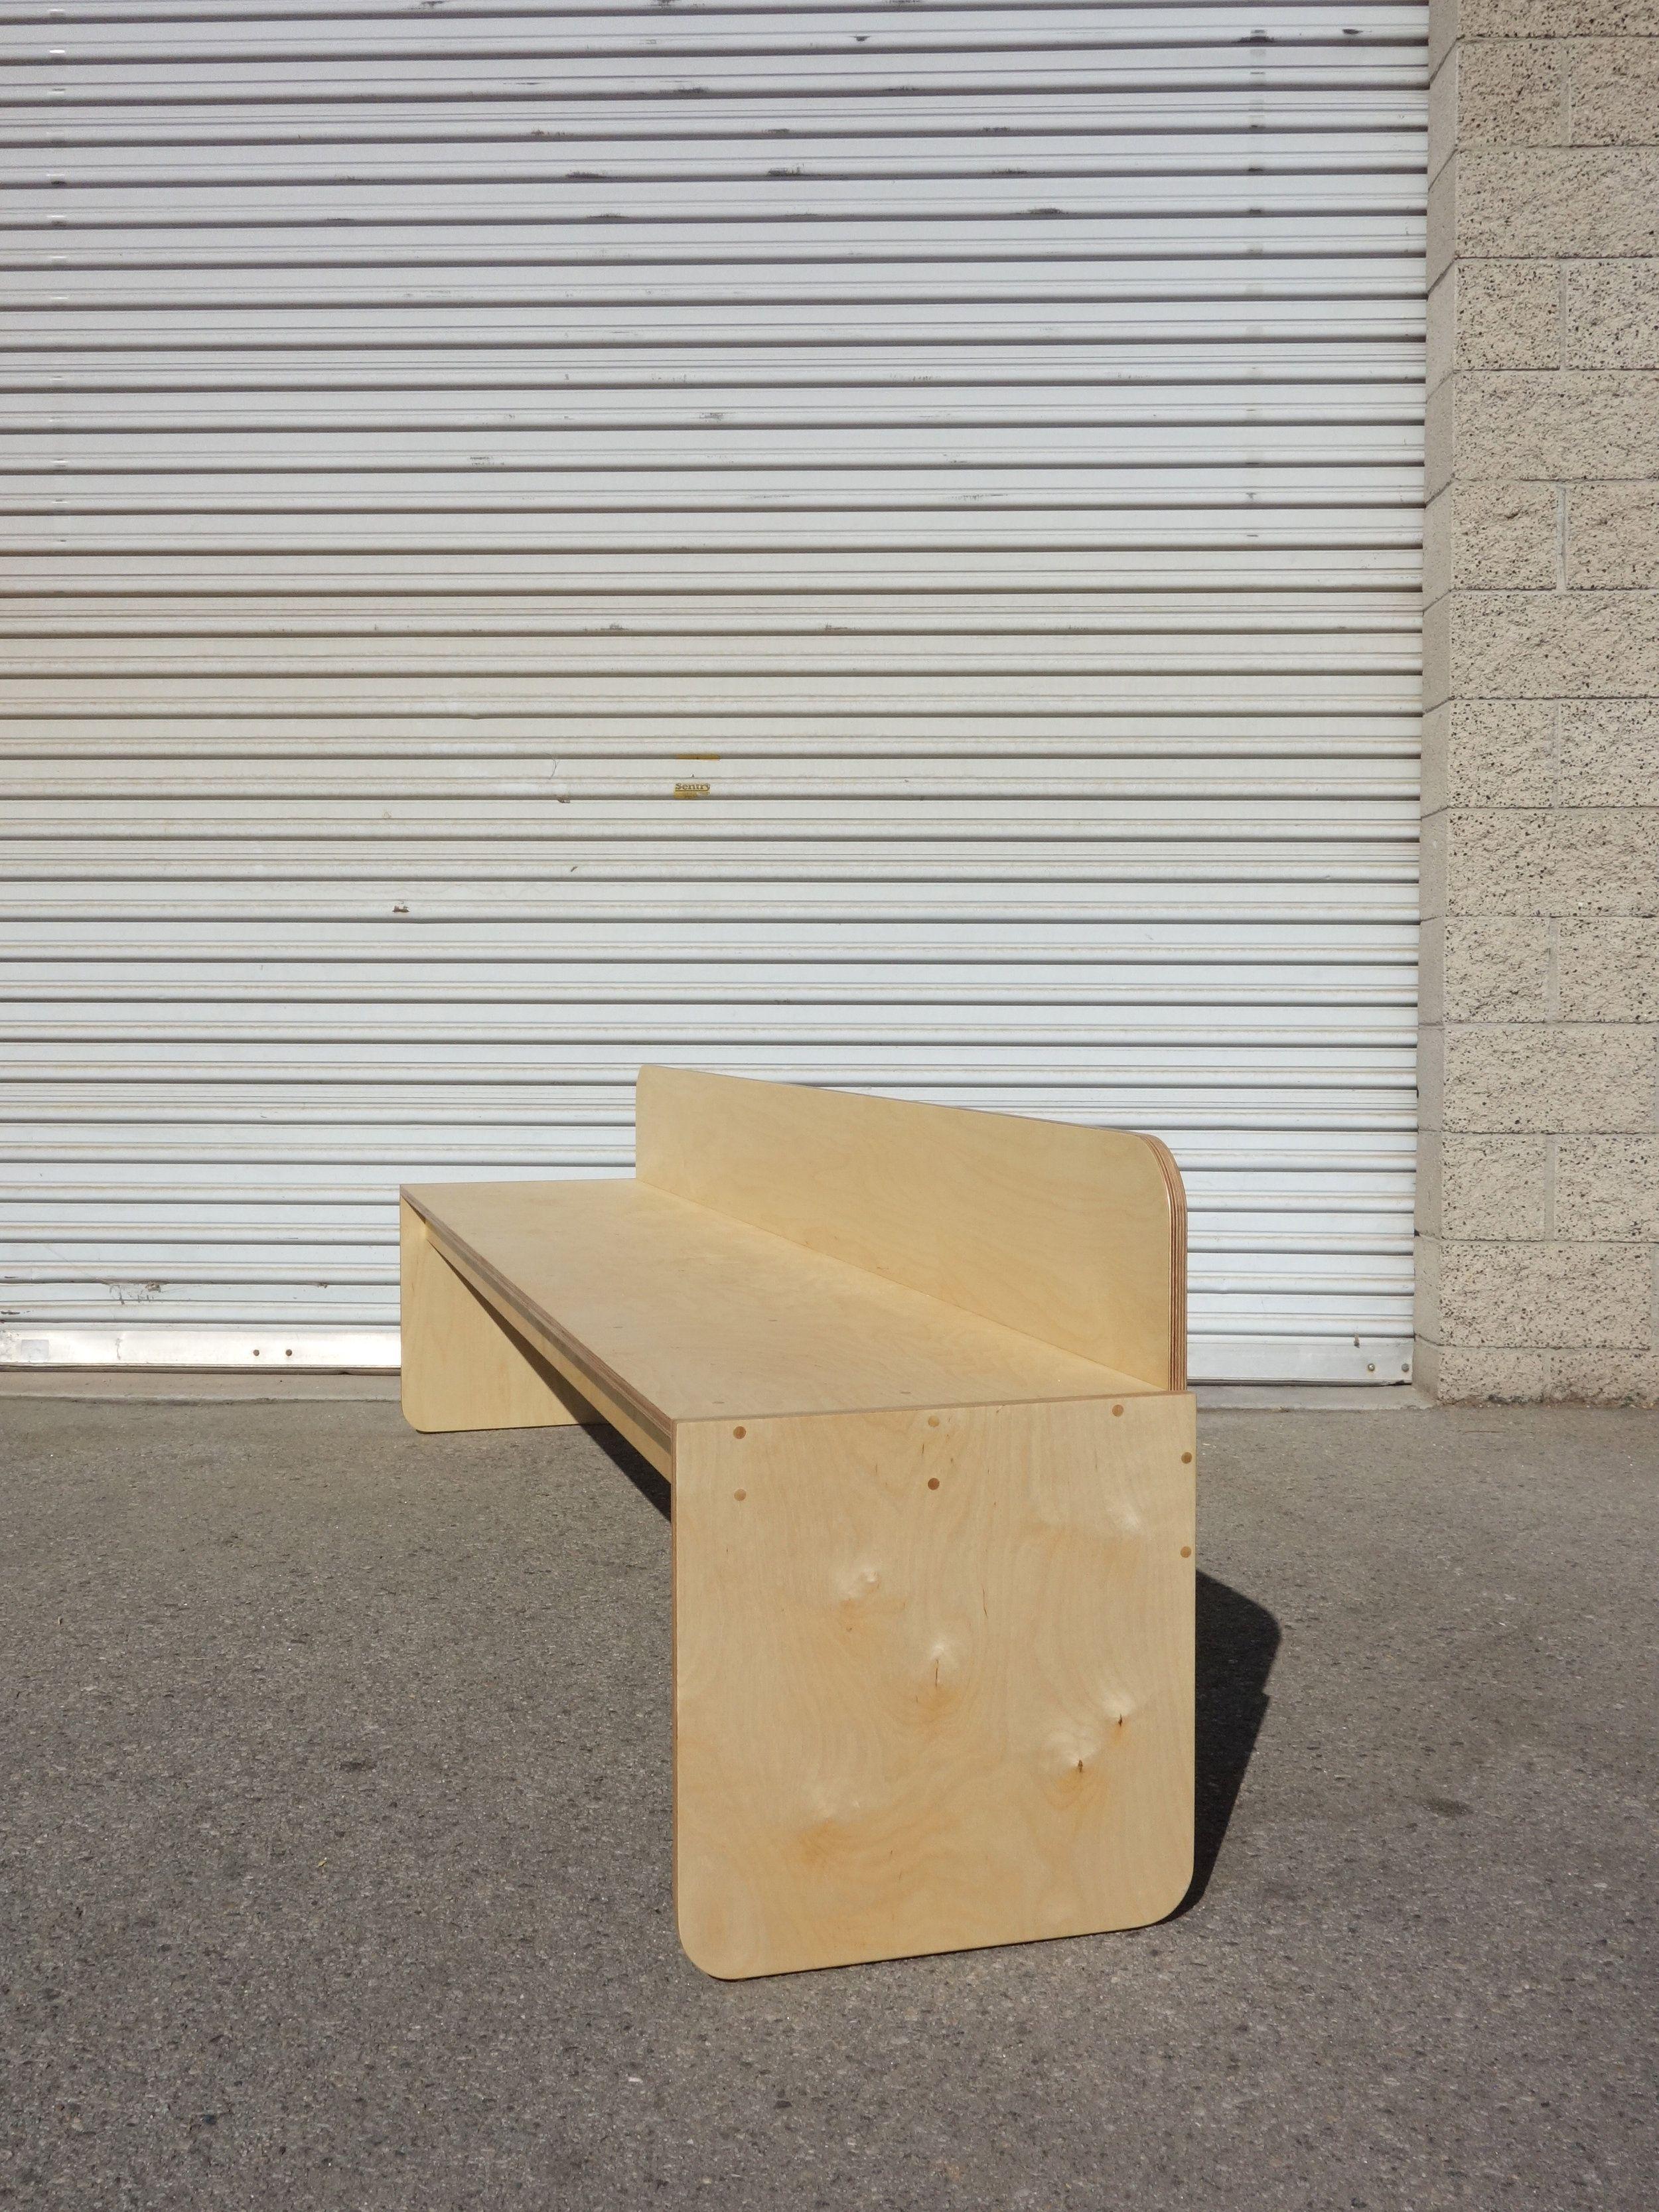 NADA Art Fair product image 15